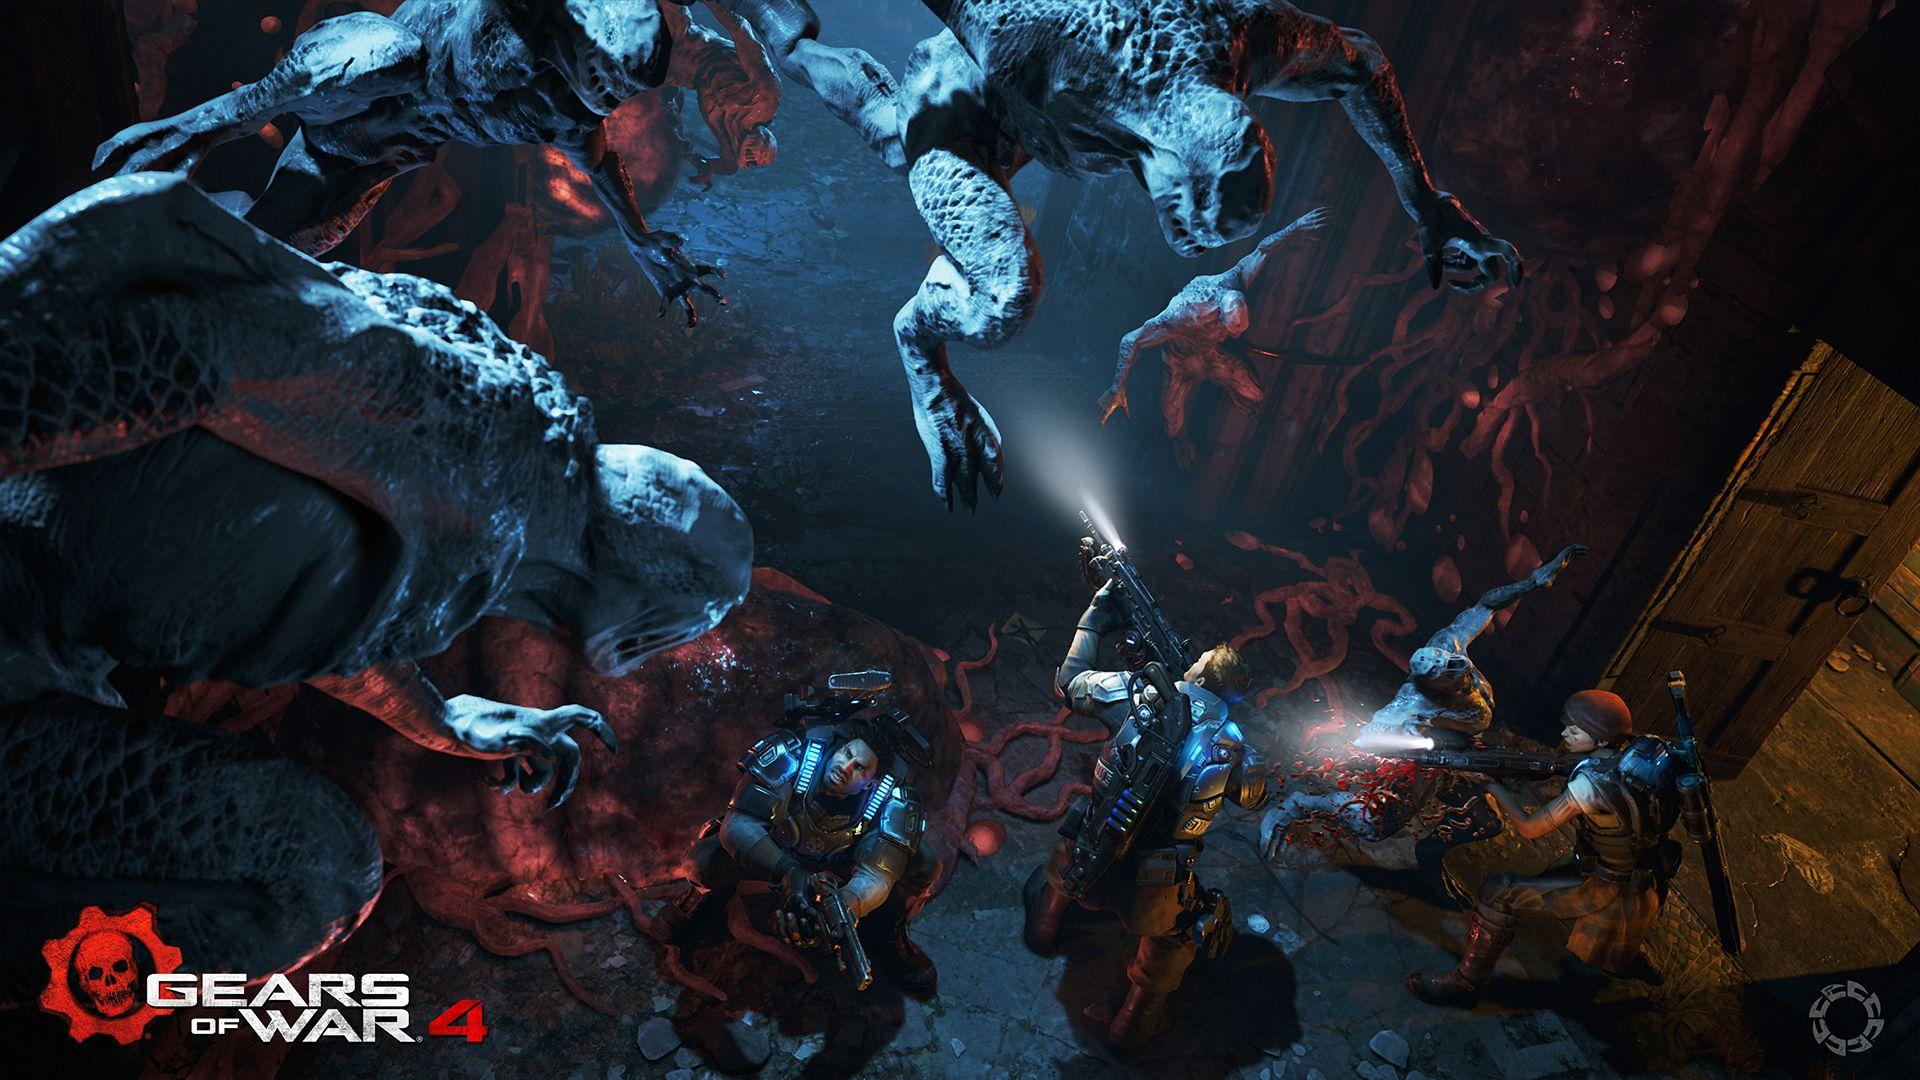 Gears Of War Wallpapers In Ultra Hd K Gears Of War Mass Effect Gears Of War 2